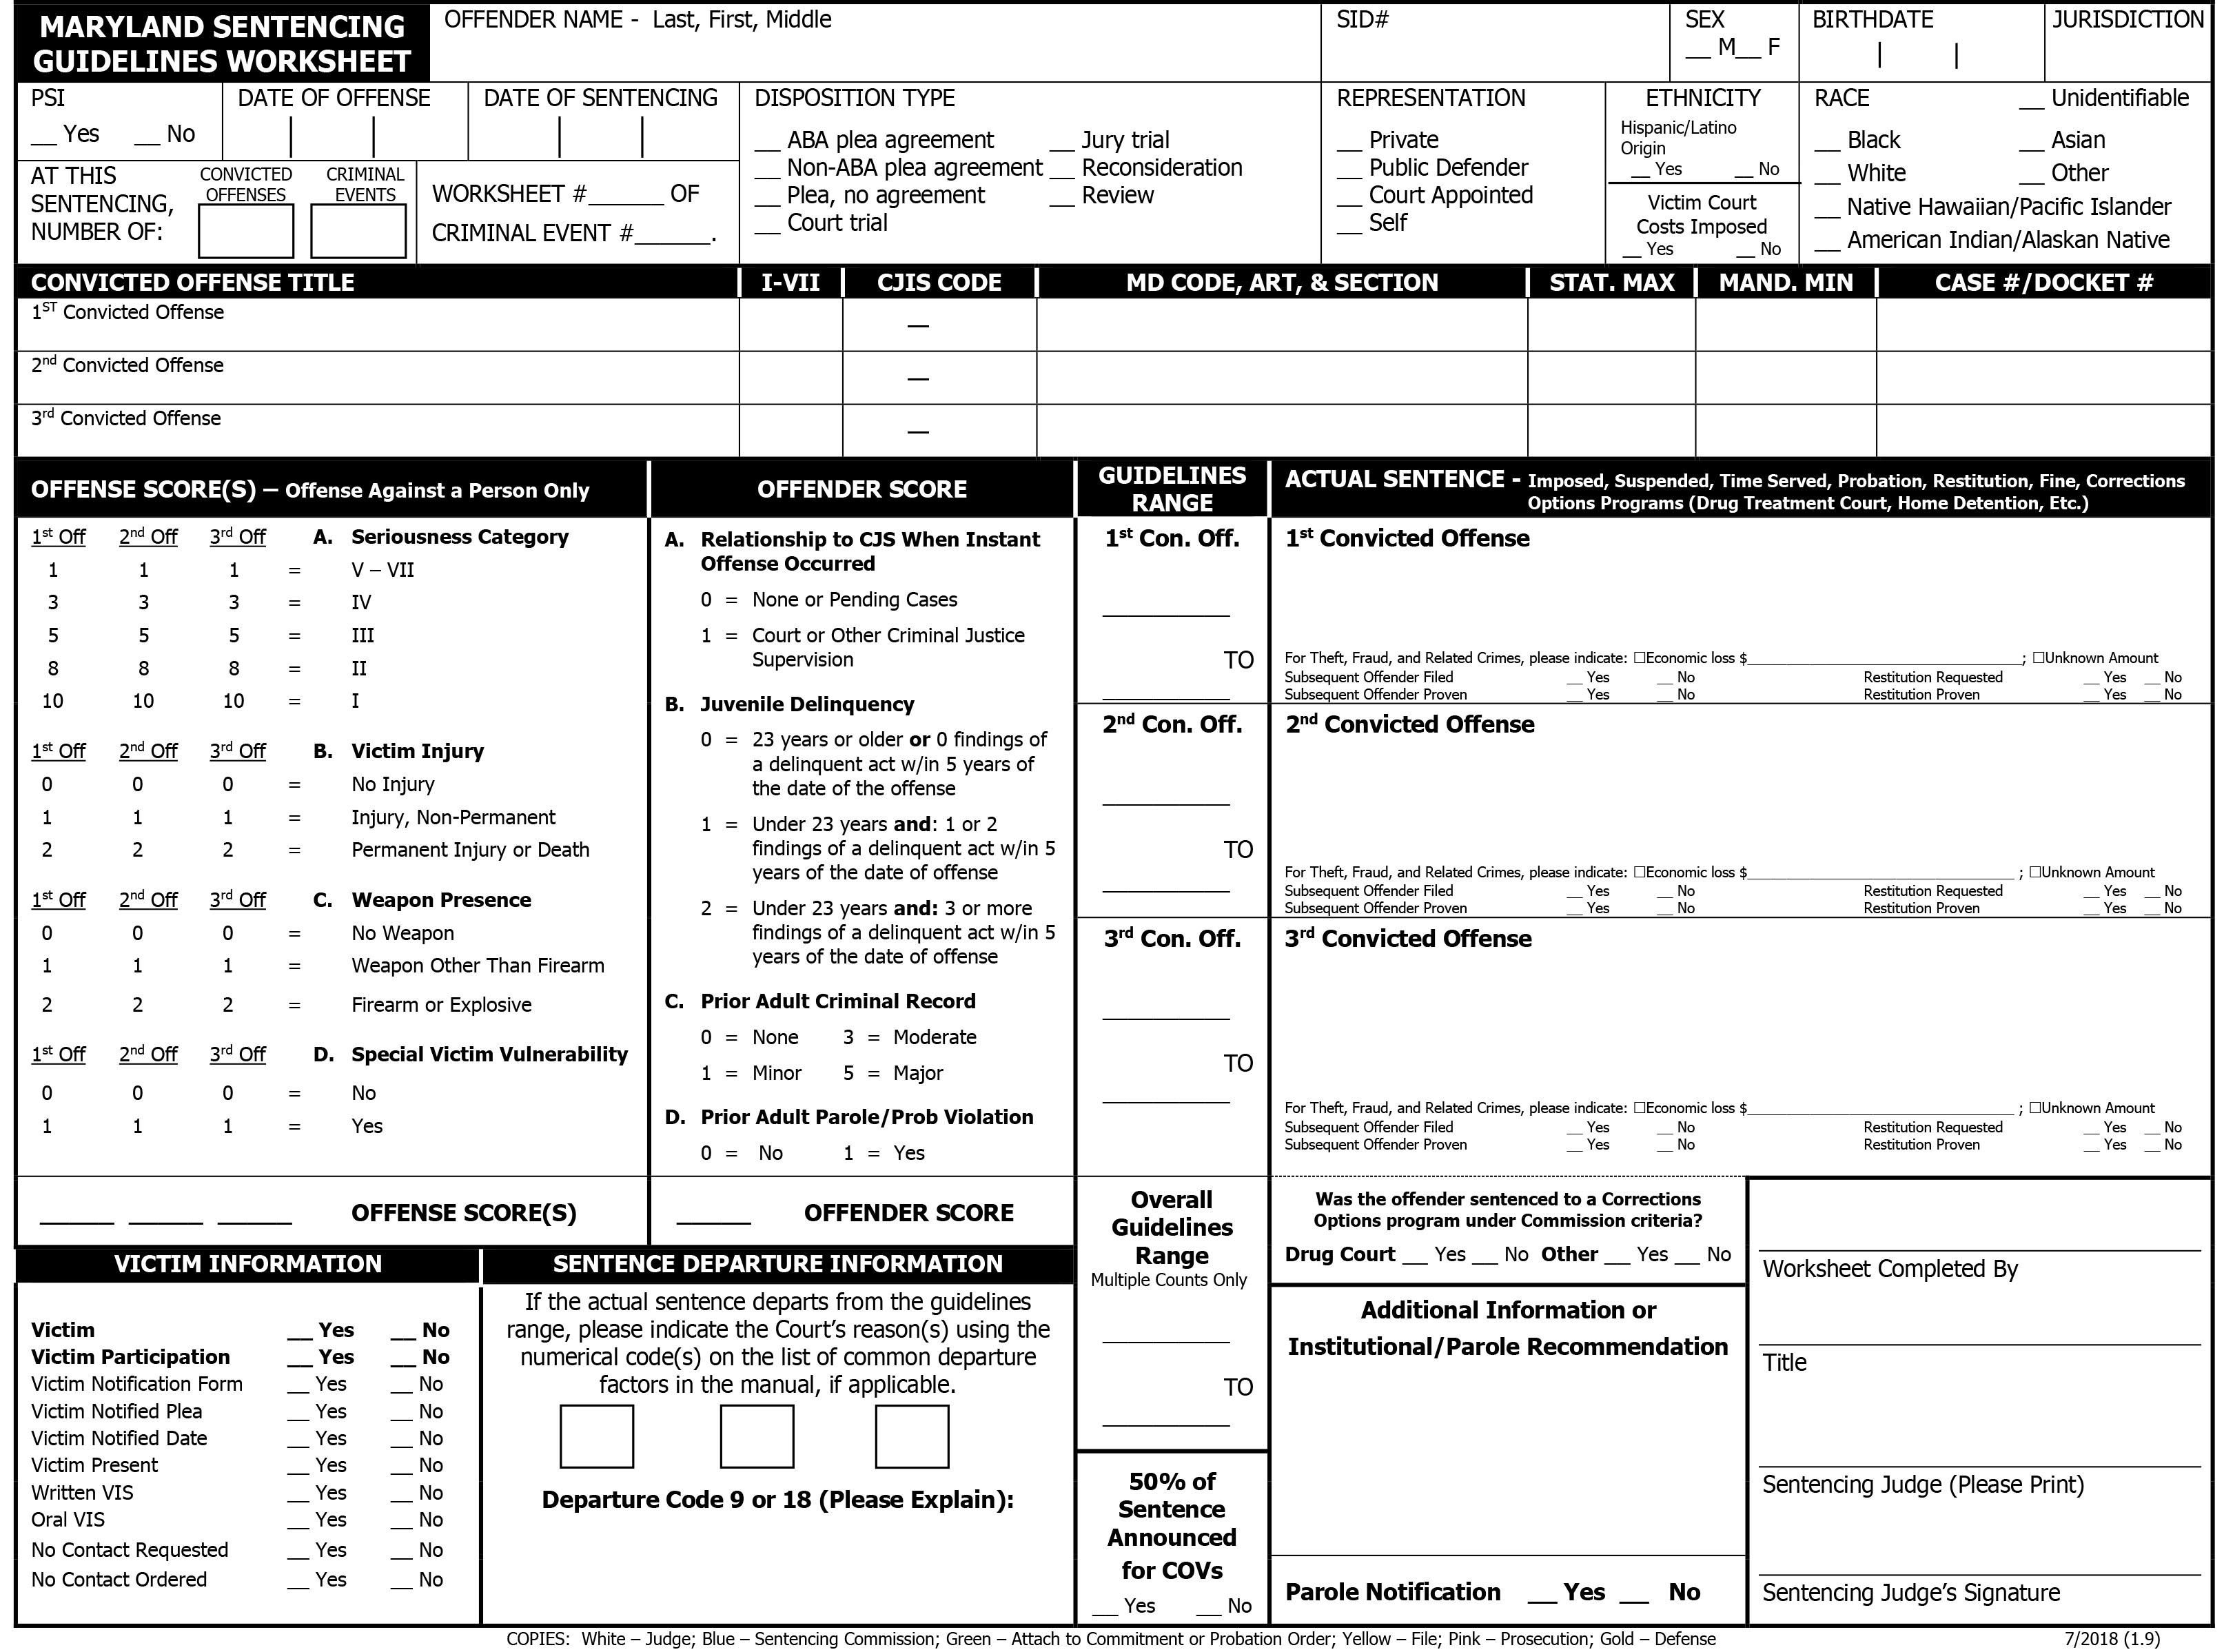 Maryland Sentencing Guidelines Worksheet Msccsp